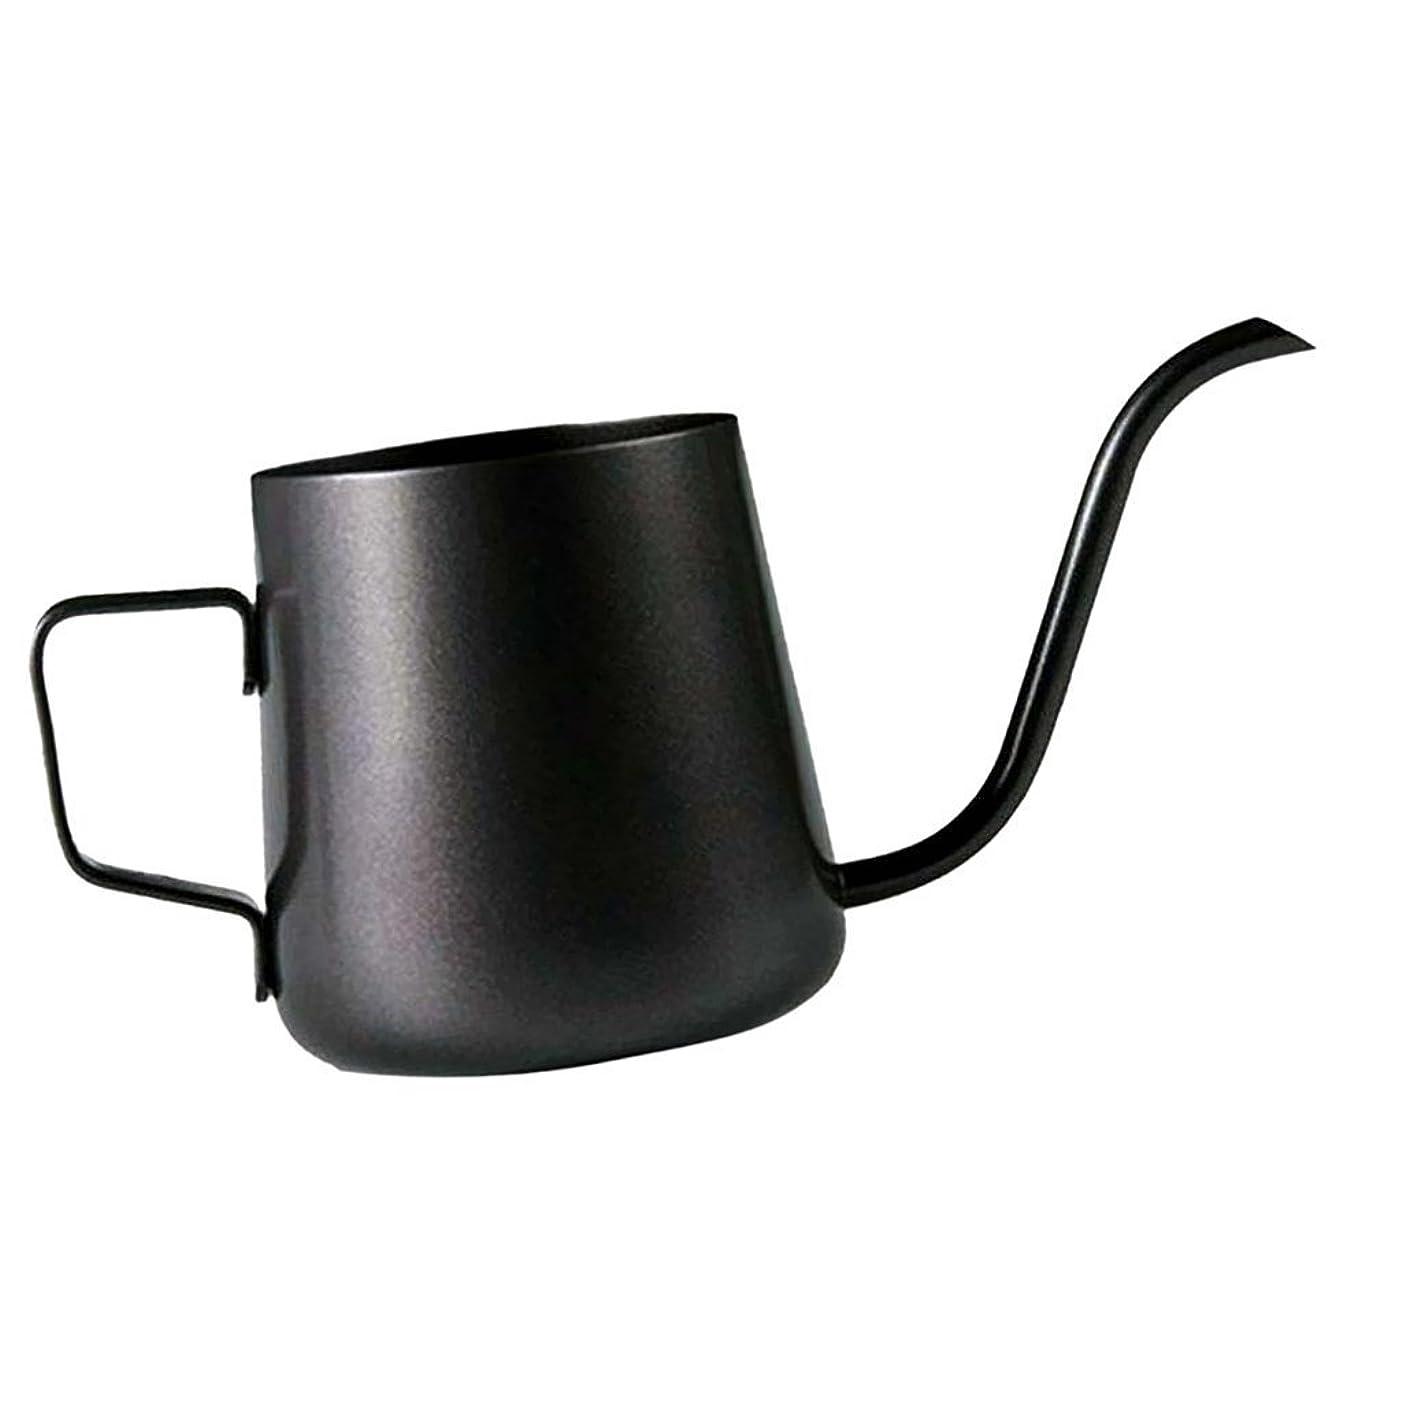 意気込み憂鬱転用Homeland コーヒーポット お茶などにも対応 クッキング用品 ステンレス製 エスプレッソポット ケトル - ブラック, 250ミリリットル